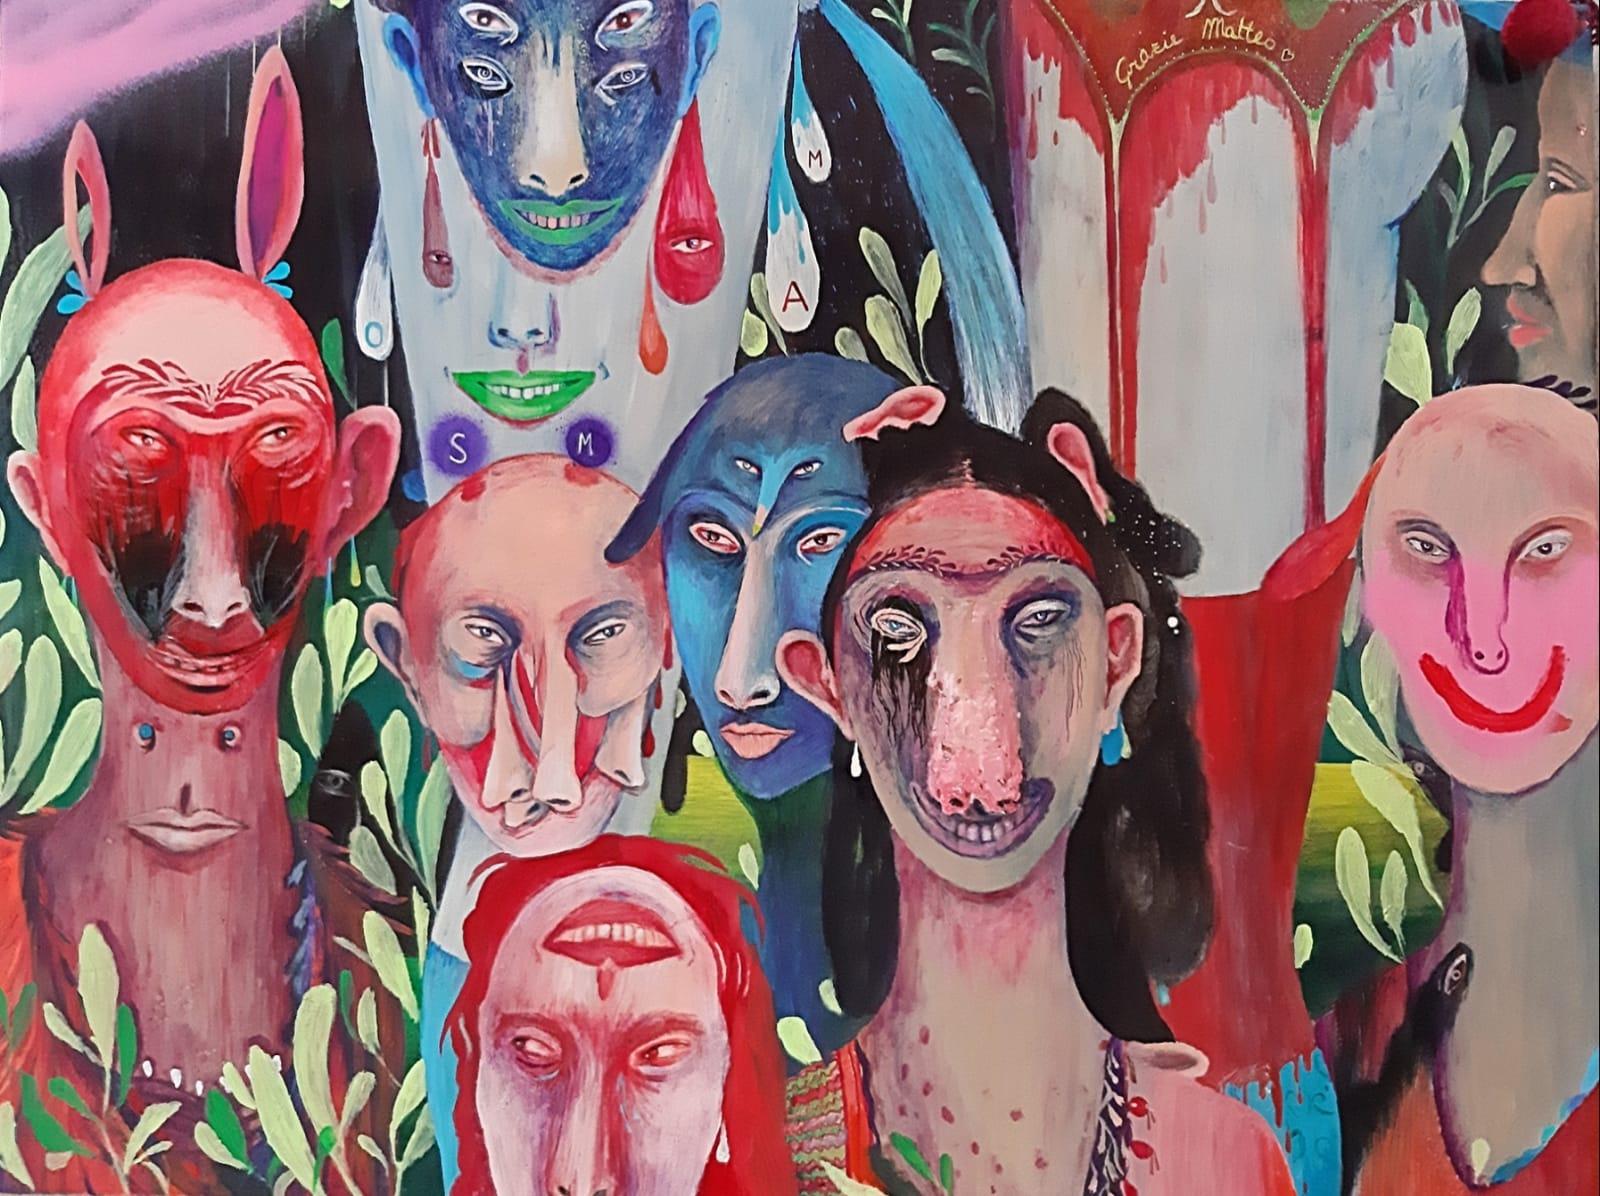 Silvia Mei, La menzogna, 2021, acrilico, collage di pon pon, spray e tecnica mista su tela, 80x60cm